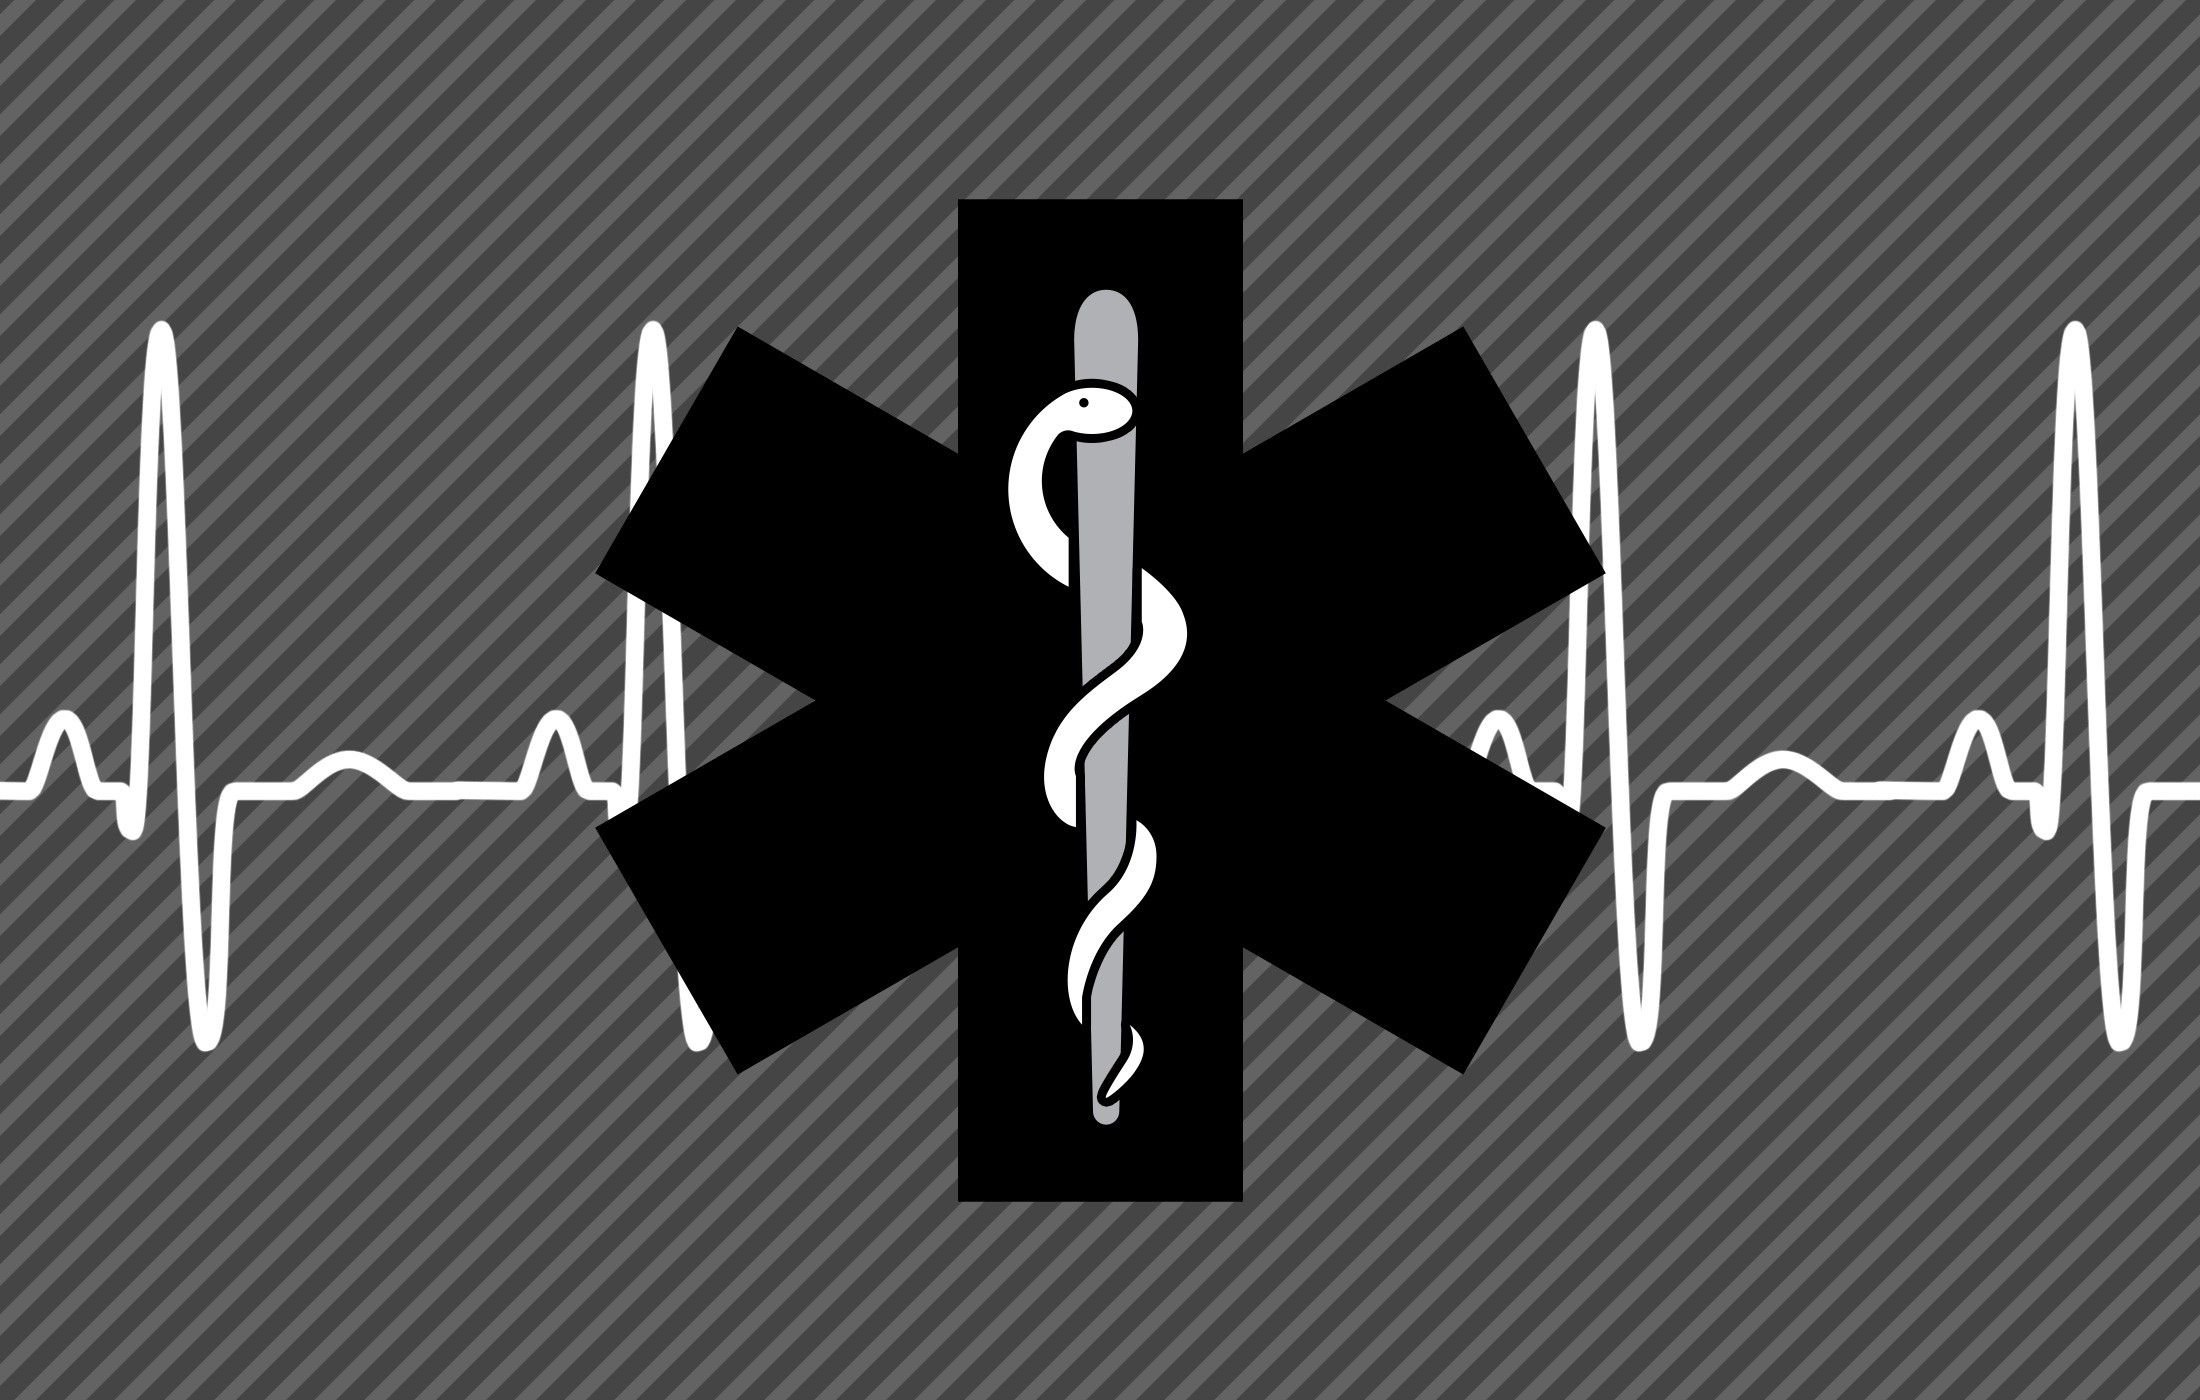 2200x1400 Go Back Images For Emt Wallpaper Ems Tattoos Emergency Medical Responder Emt Paramedic